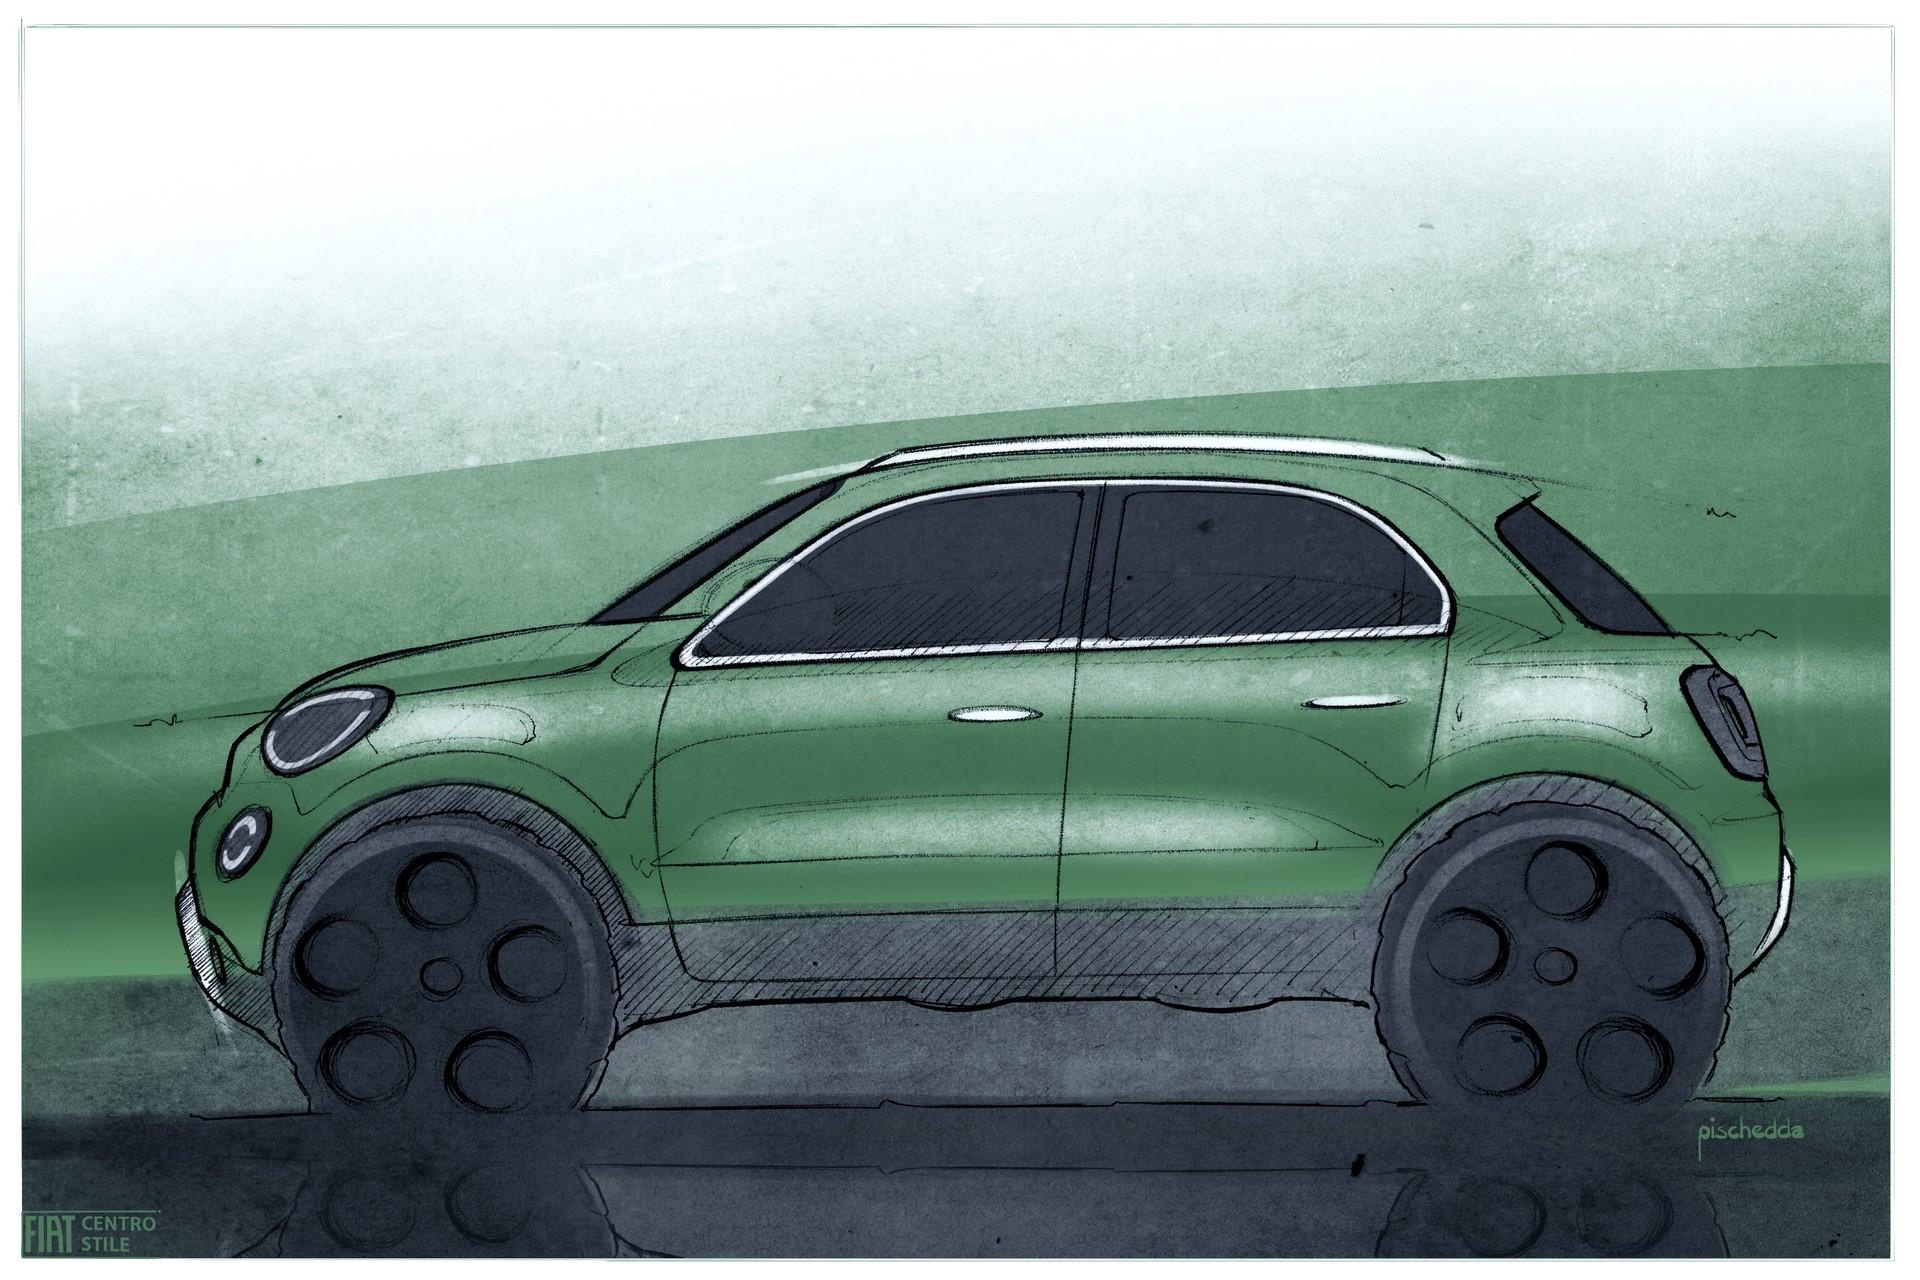 180828_Fiat_New-500X-sketch_14